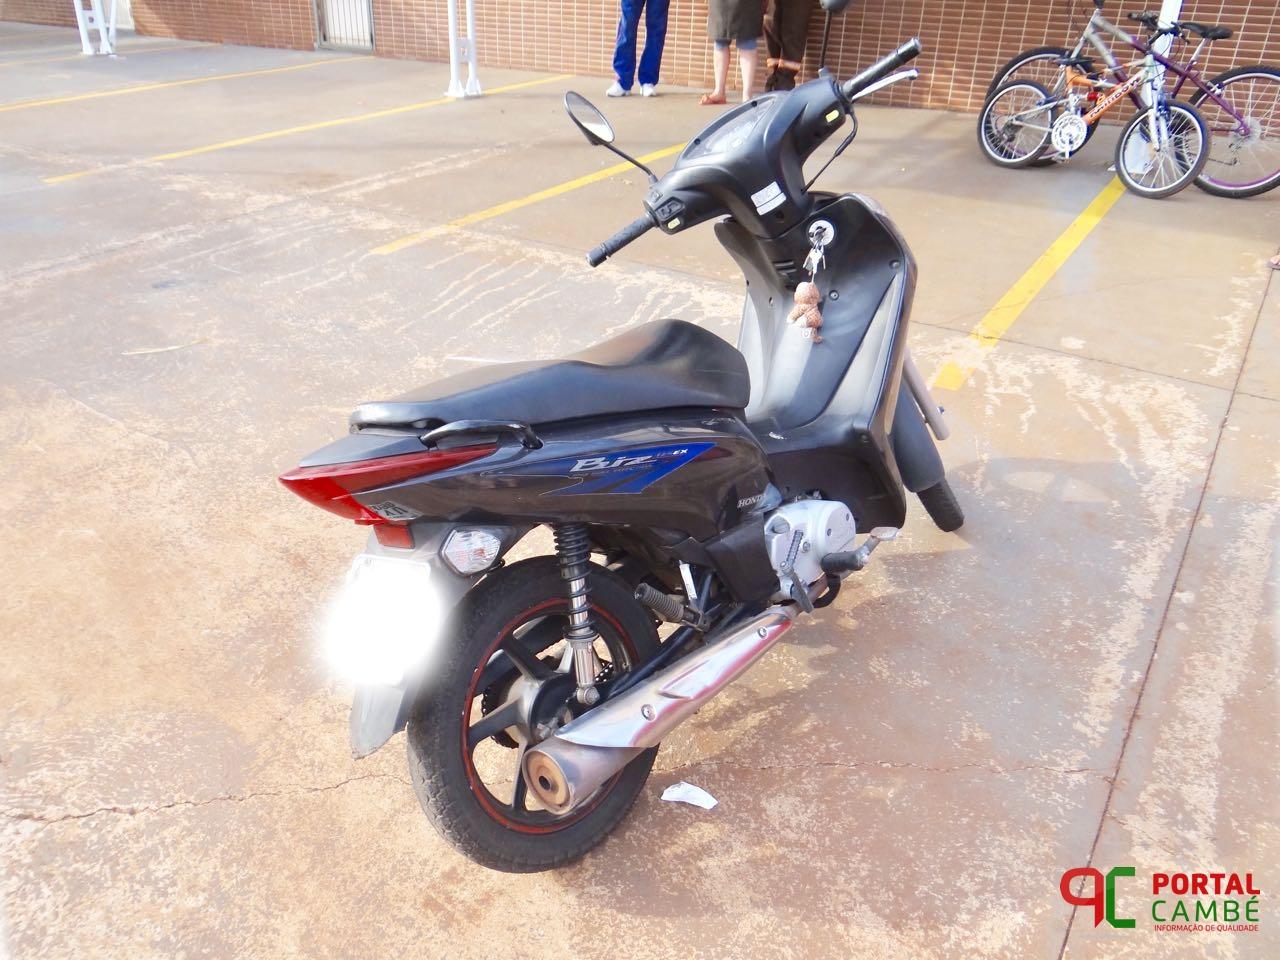 PM recupera moto no Jardim Montecatini em Cambé após equiparação ao roubo; dois menores infratores apreendidos